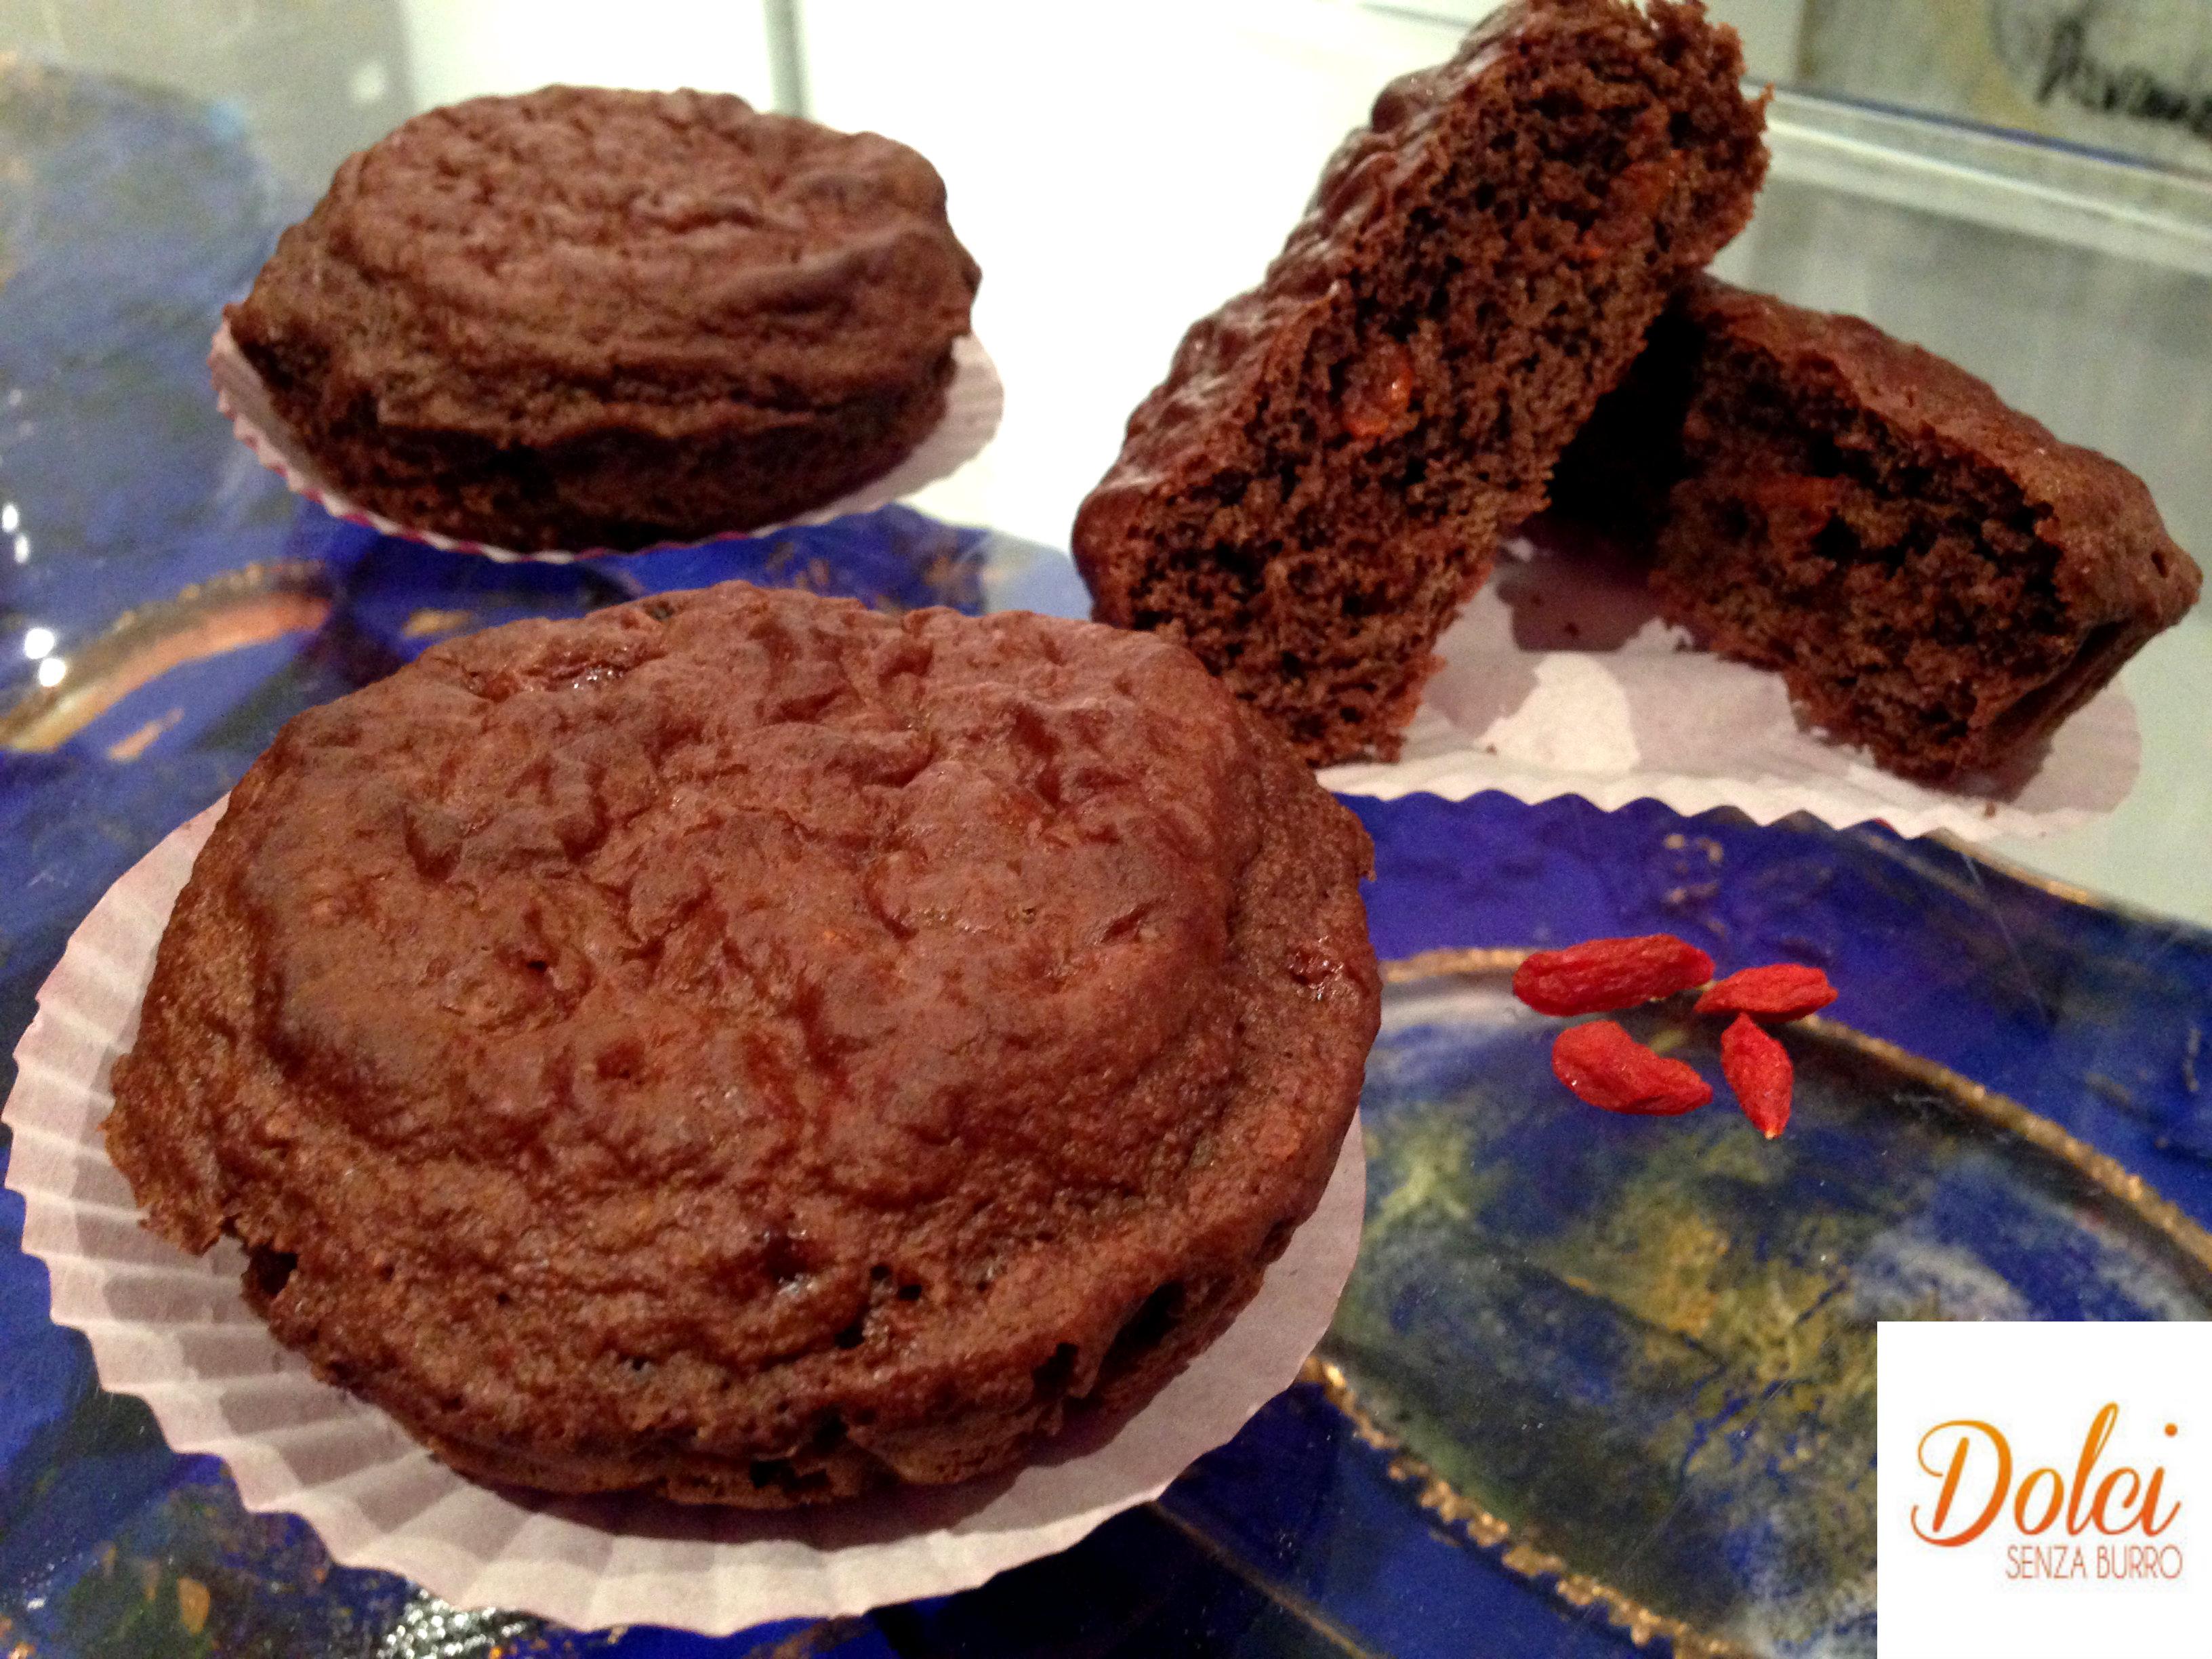 I Tortini al Cioccolato e Bacche di Goji sono golosi e leggeri dolci senza lattosio e glutine di dolci senza burro